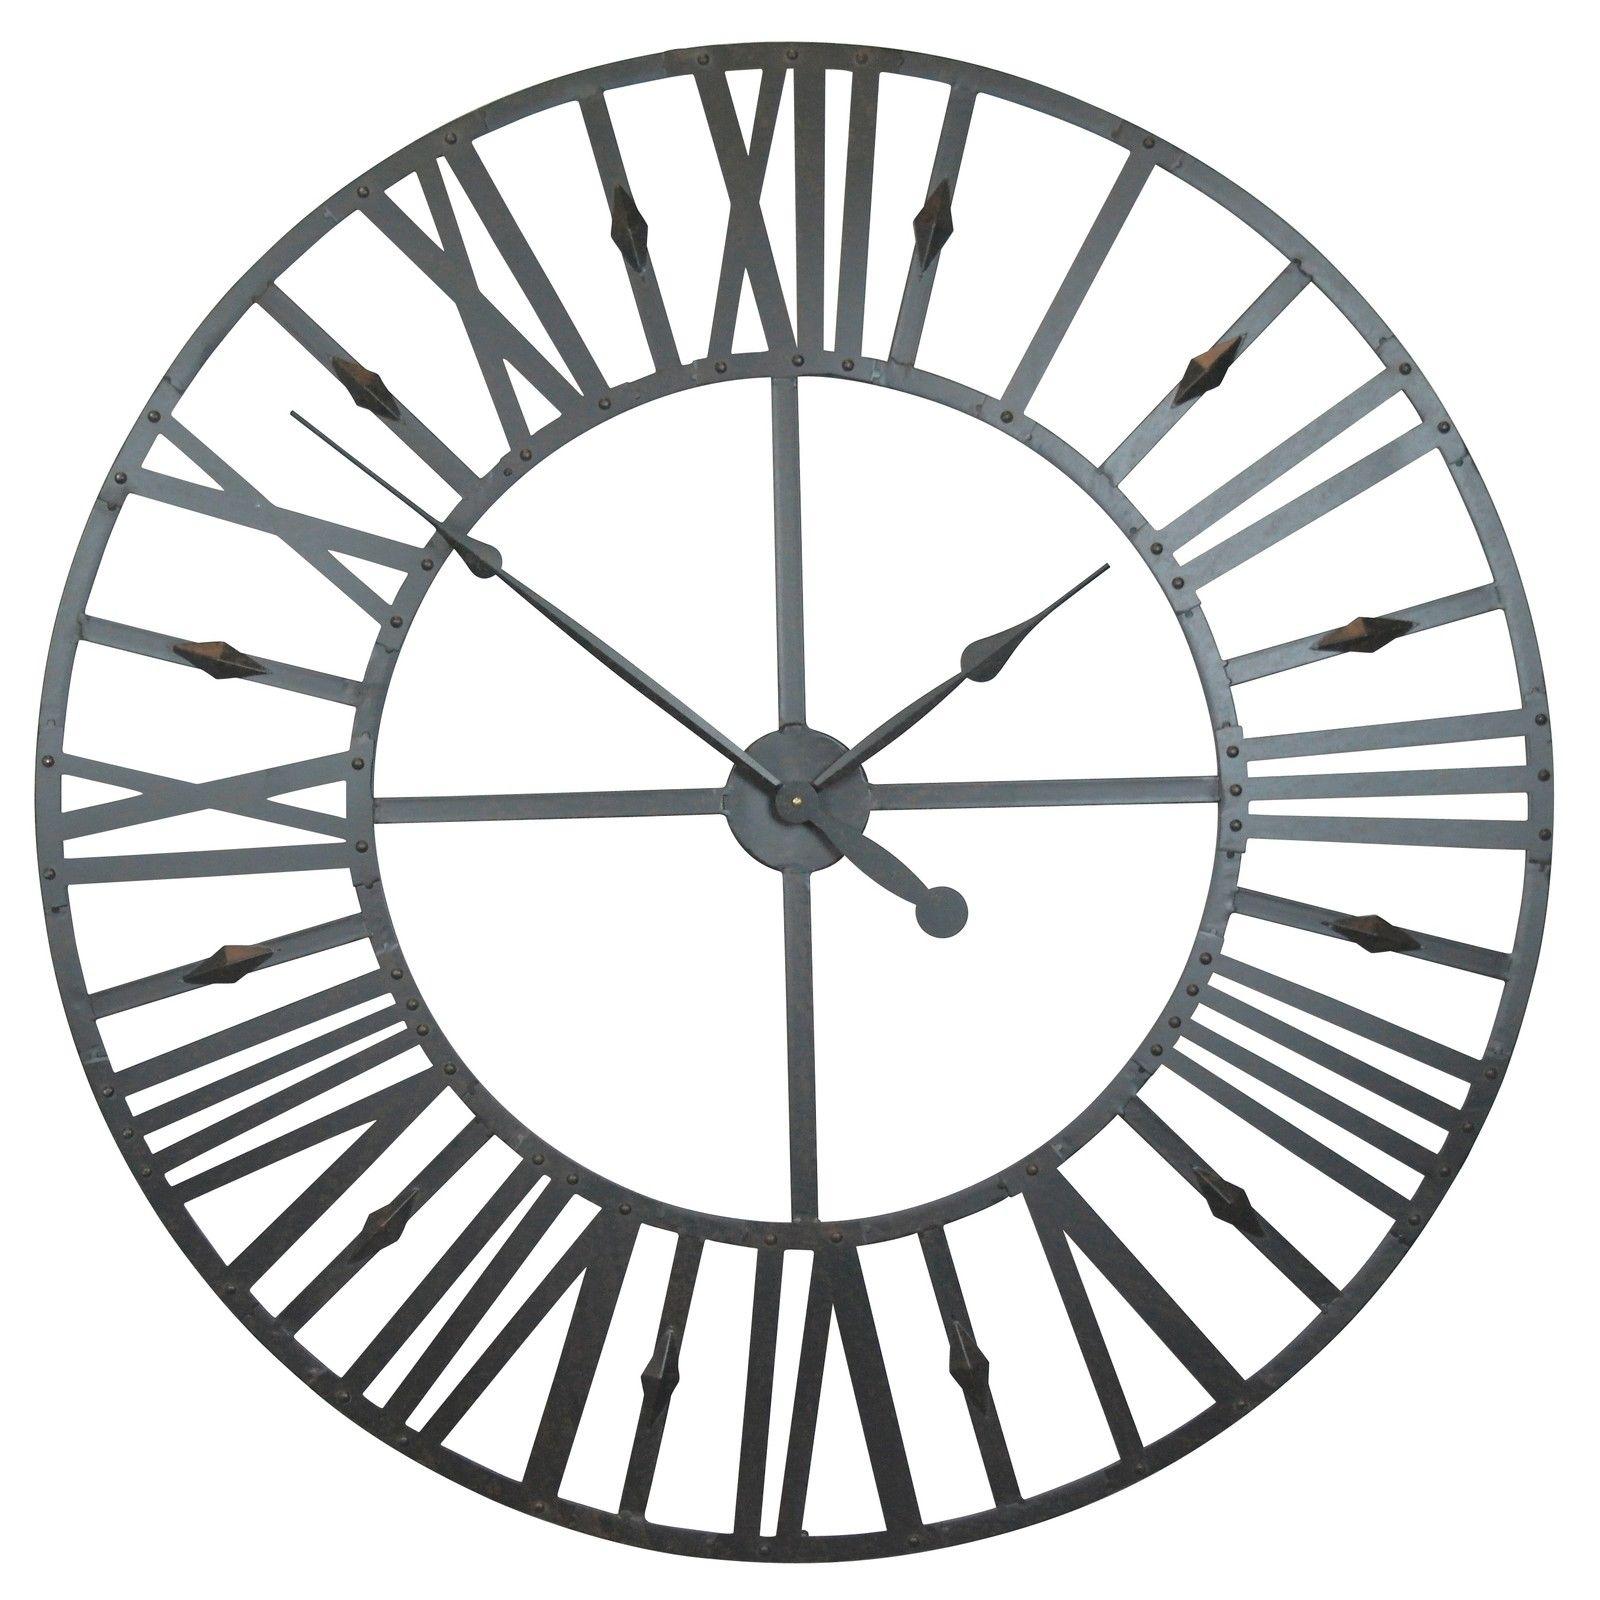 Rustic Large 110cm Metal Wall Clock